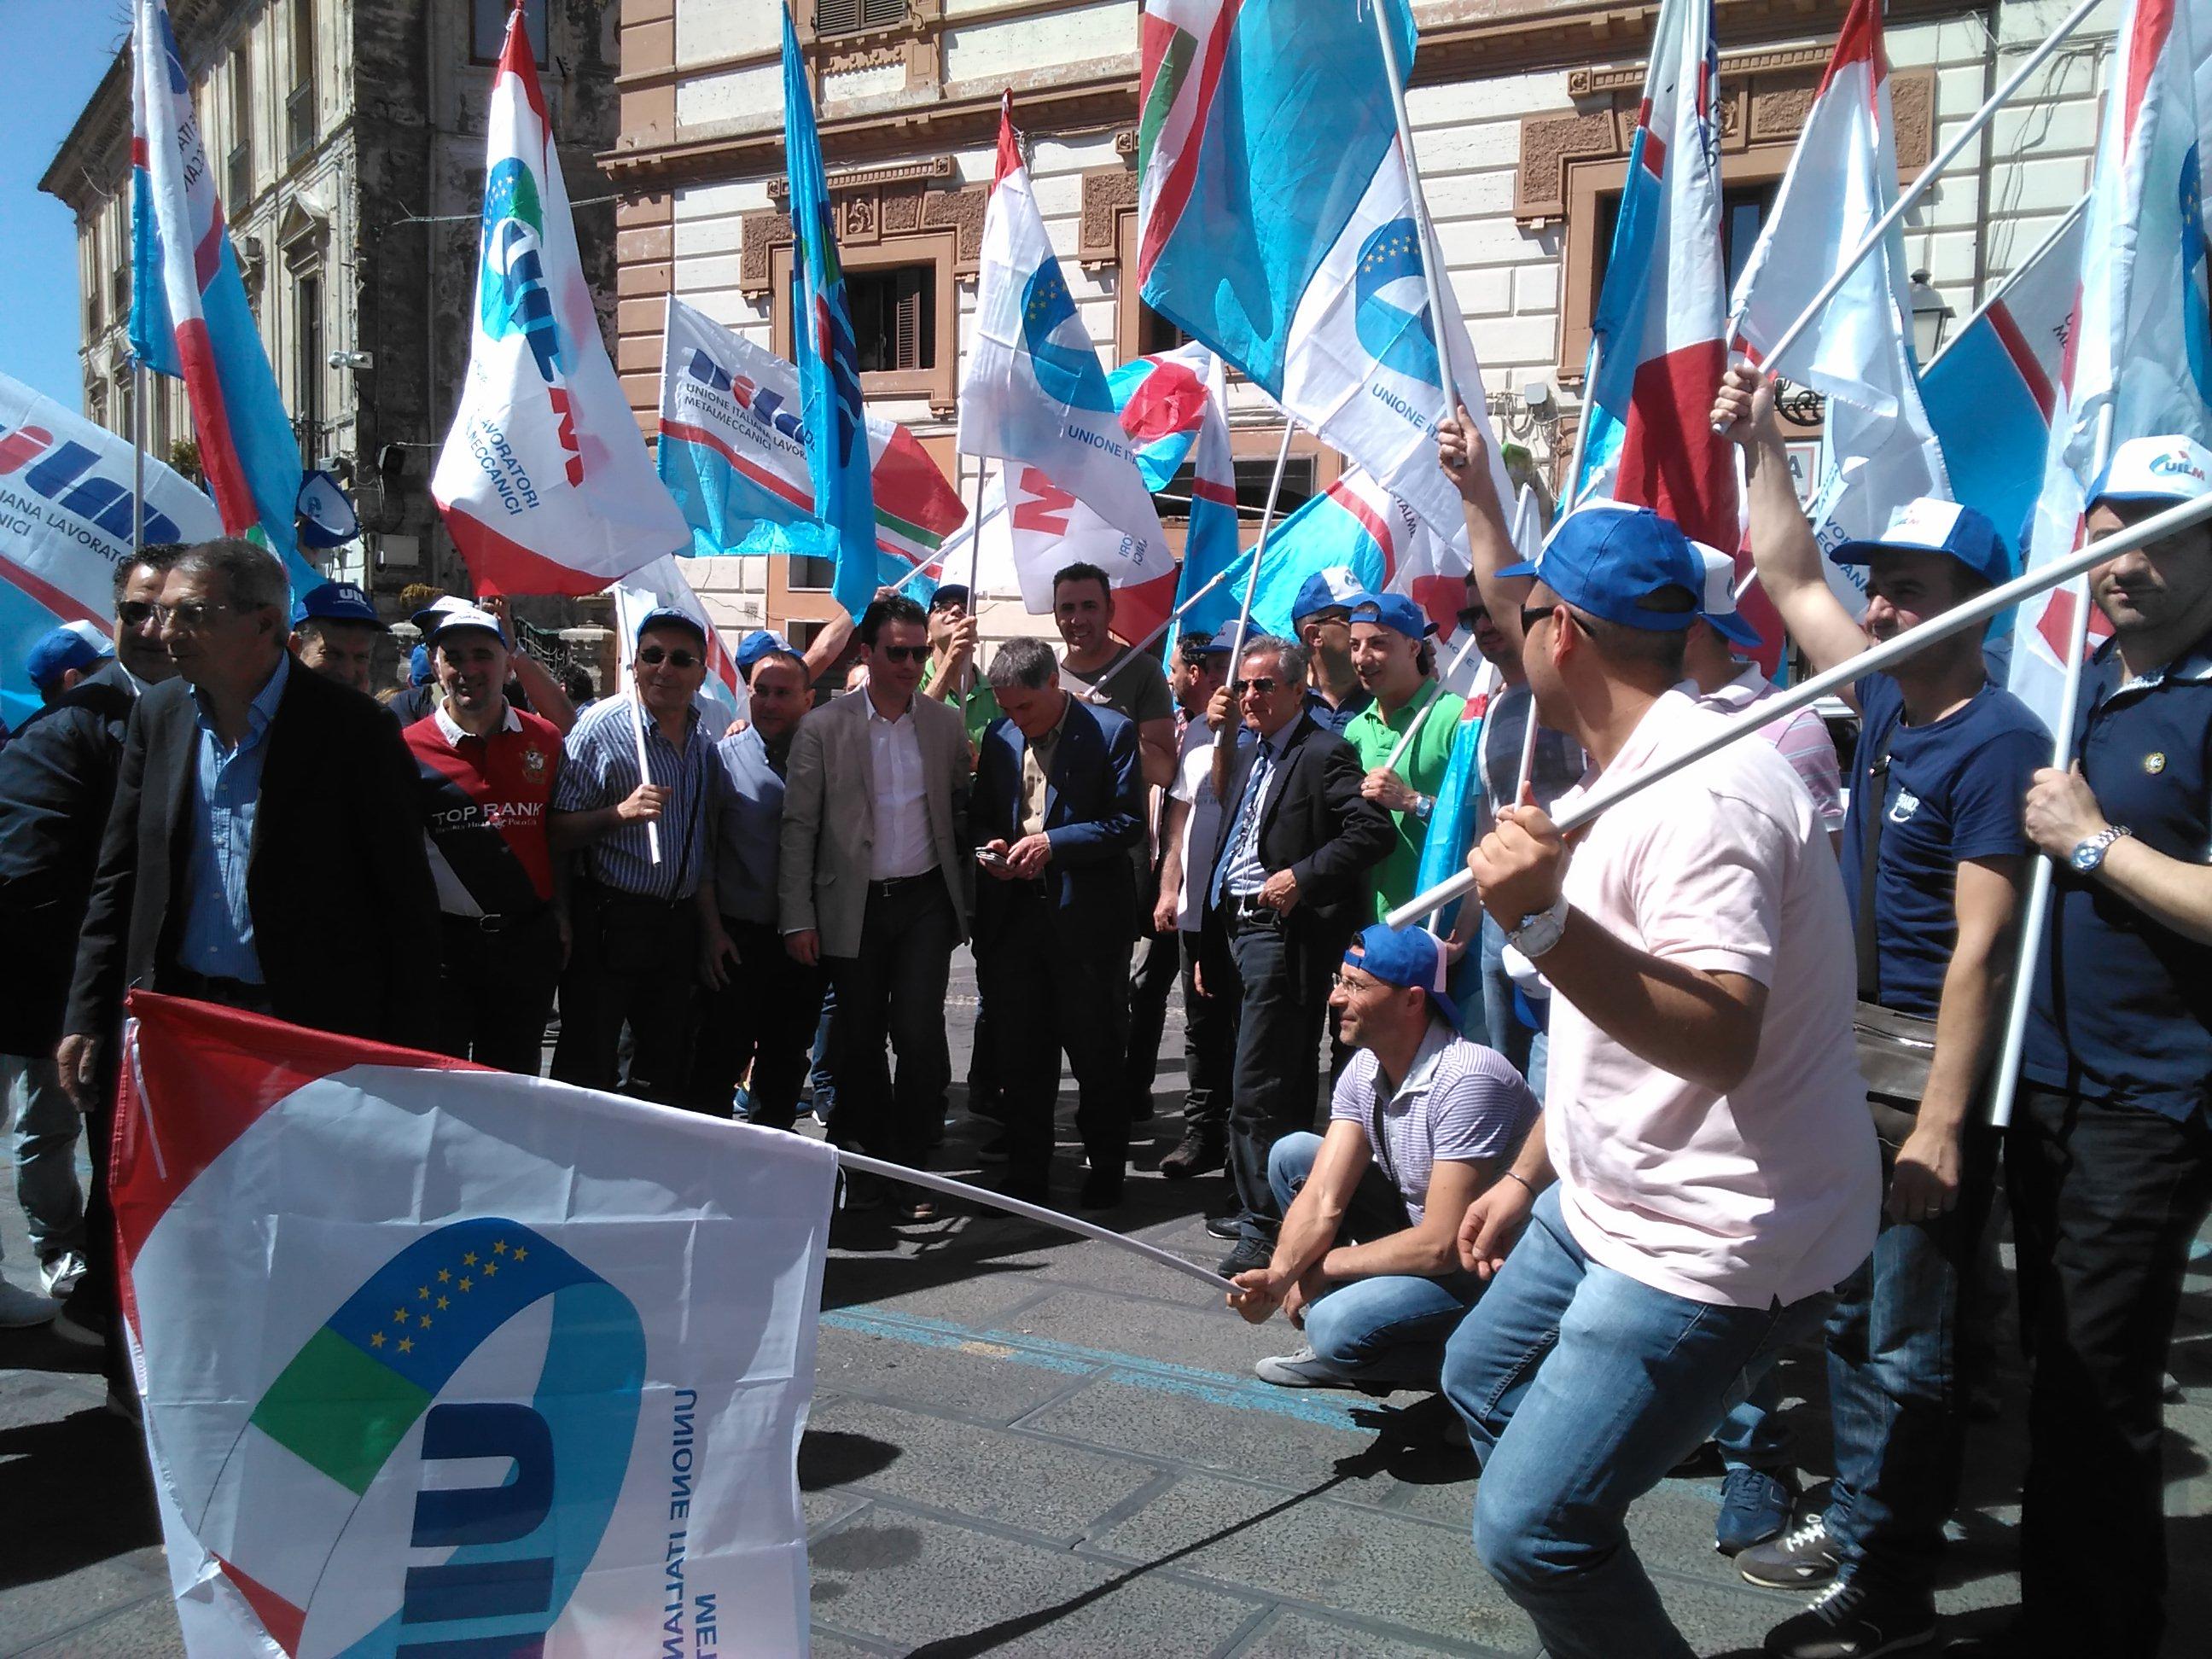 Metalmeccanici calabresi in piazza a Catanzaro  Appelli per maggiori investimenti sullo sviluppo